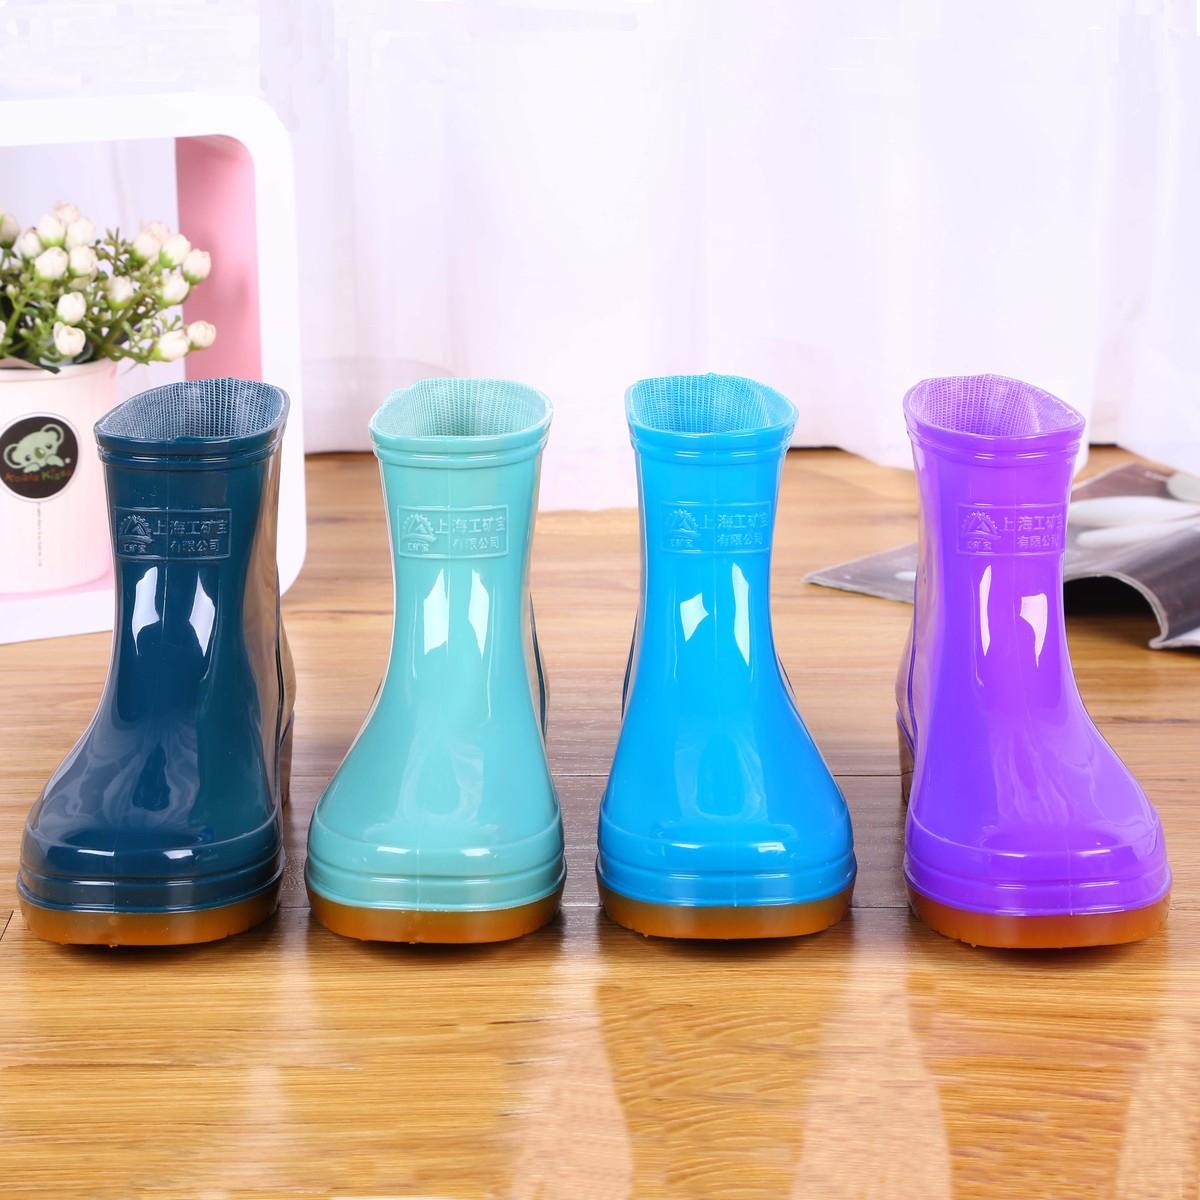 Mưa khởi động mưa khởi động ủng cao su giày không thấm nước của phụ nữ nhà bếp rửa xe ống ngắn phẳng cao su giày bao bọc ngoài người lớn Hàn Quốc không trượt mùa hè